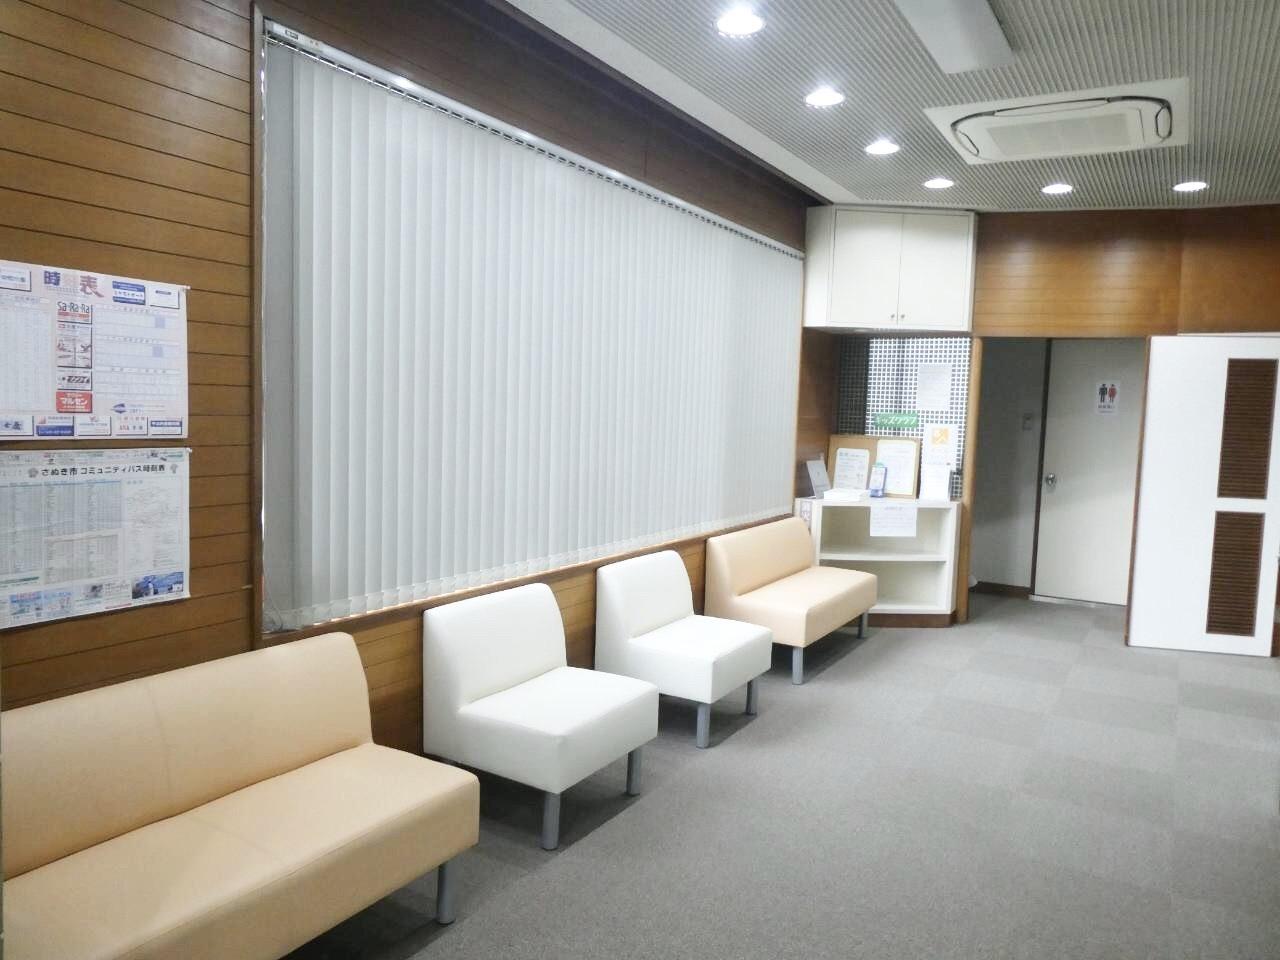 安部歯科医院photo